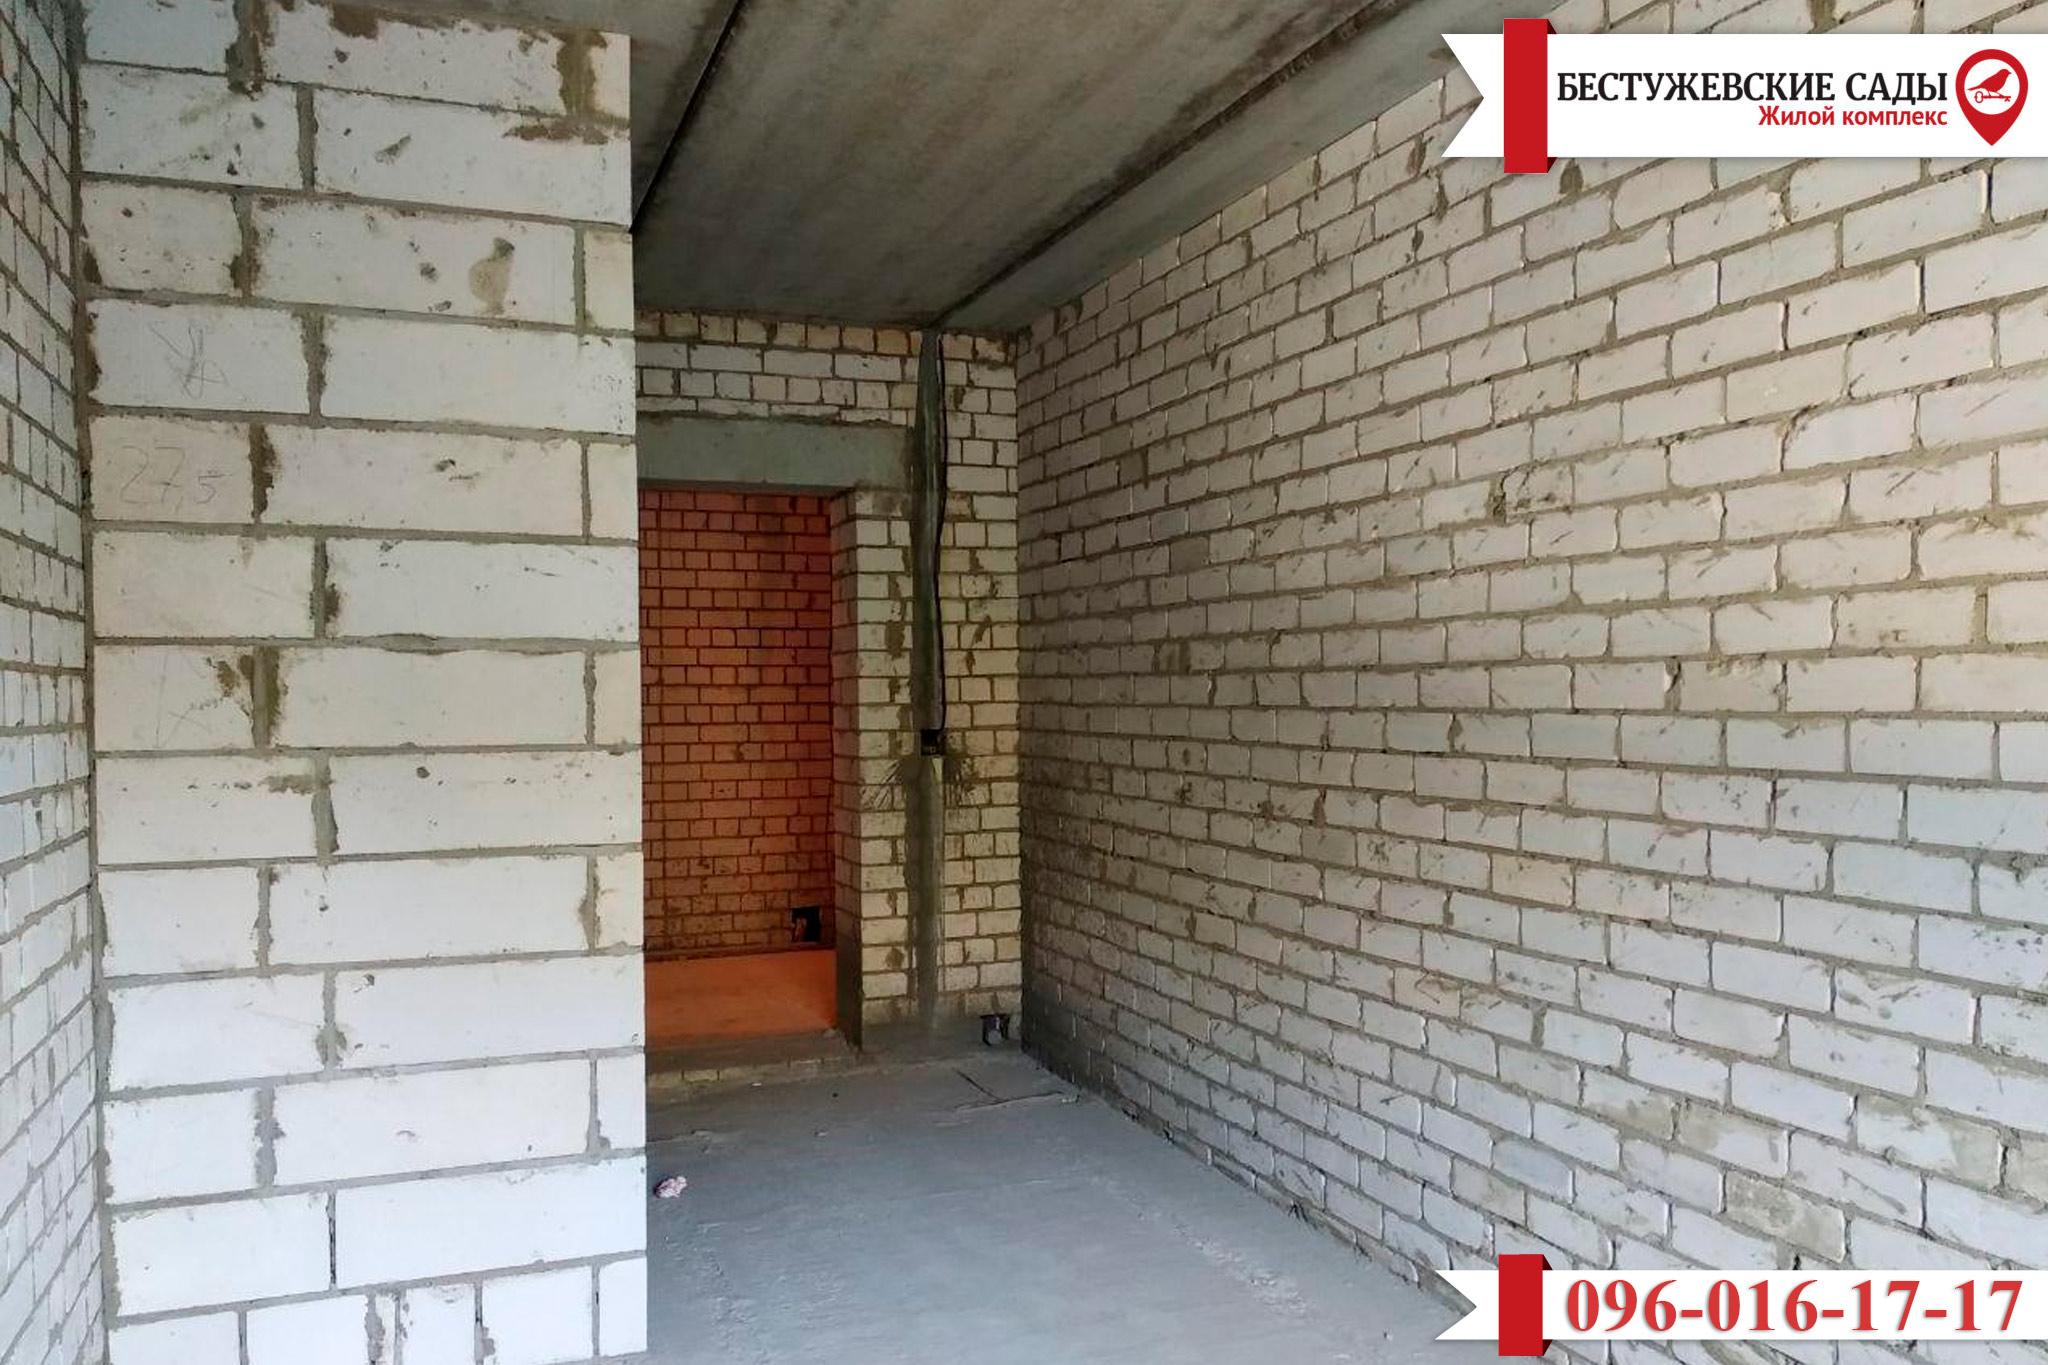 Свежая информация о жилом комплексе «Бестужевские сады»